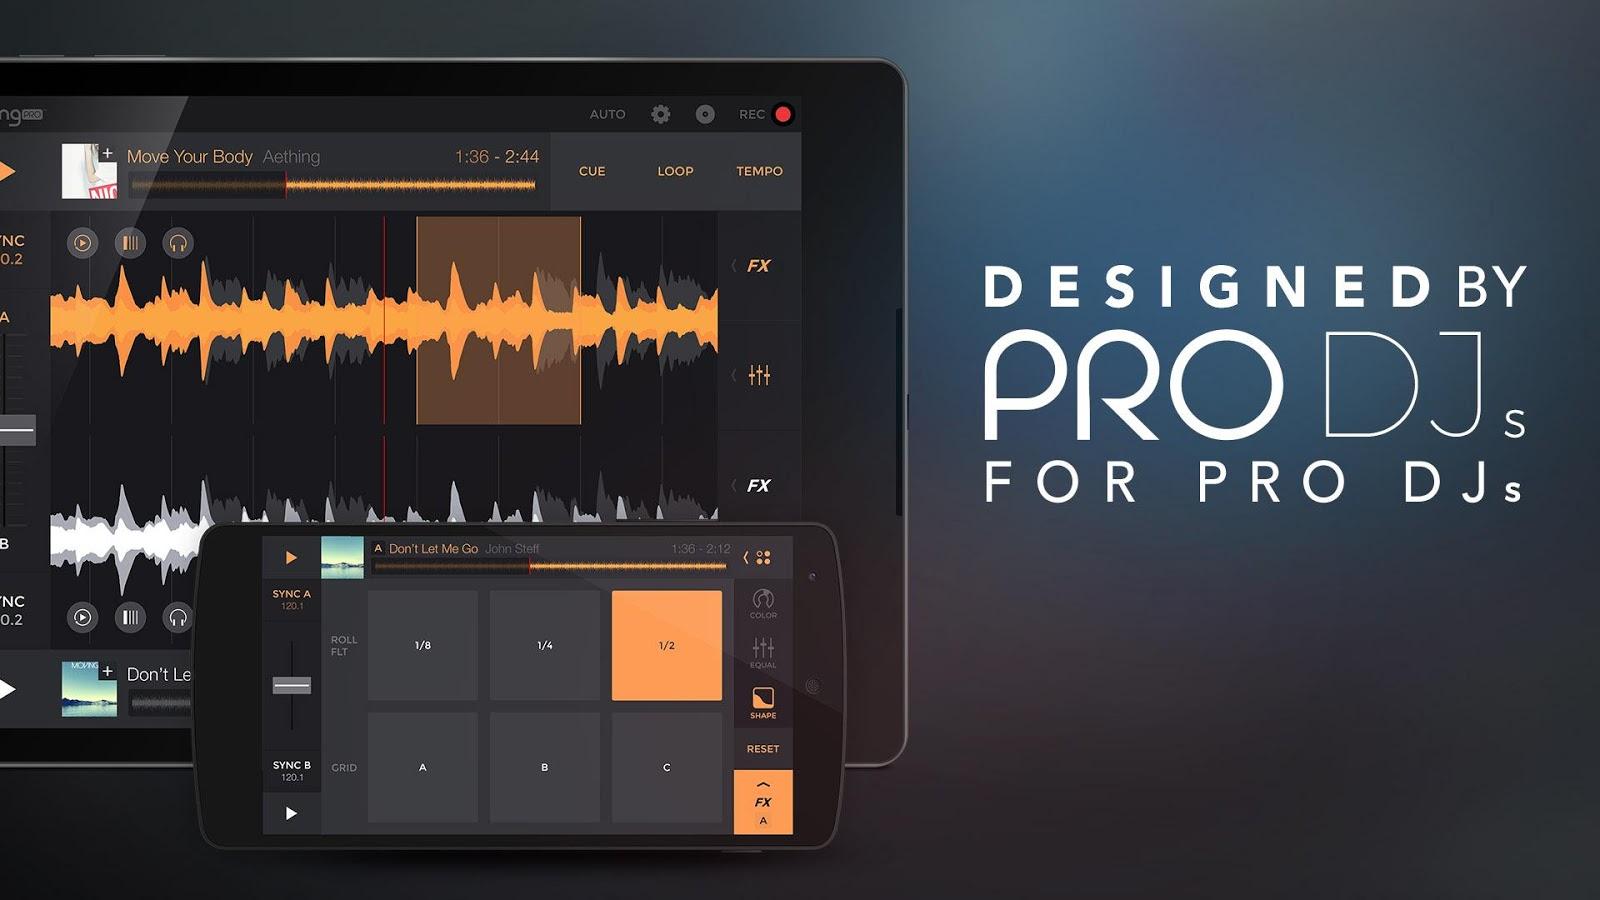 دانلود برنامه میکس موزیک edjing Pro Music DJ mixer 1.06.01 اندروید